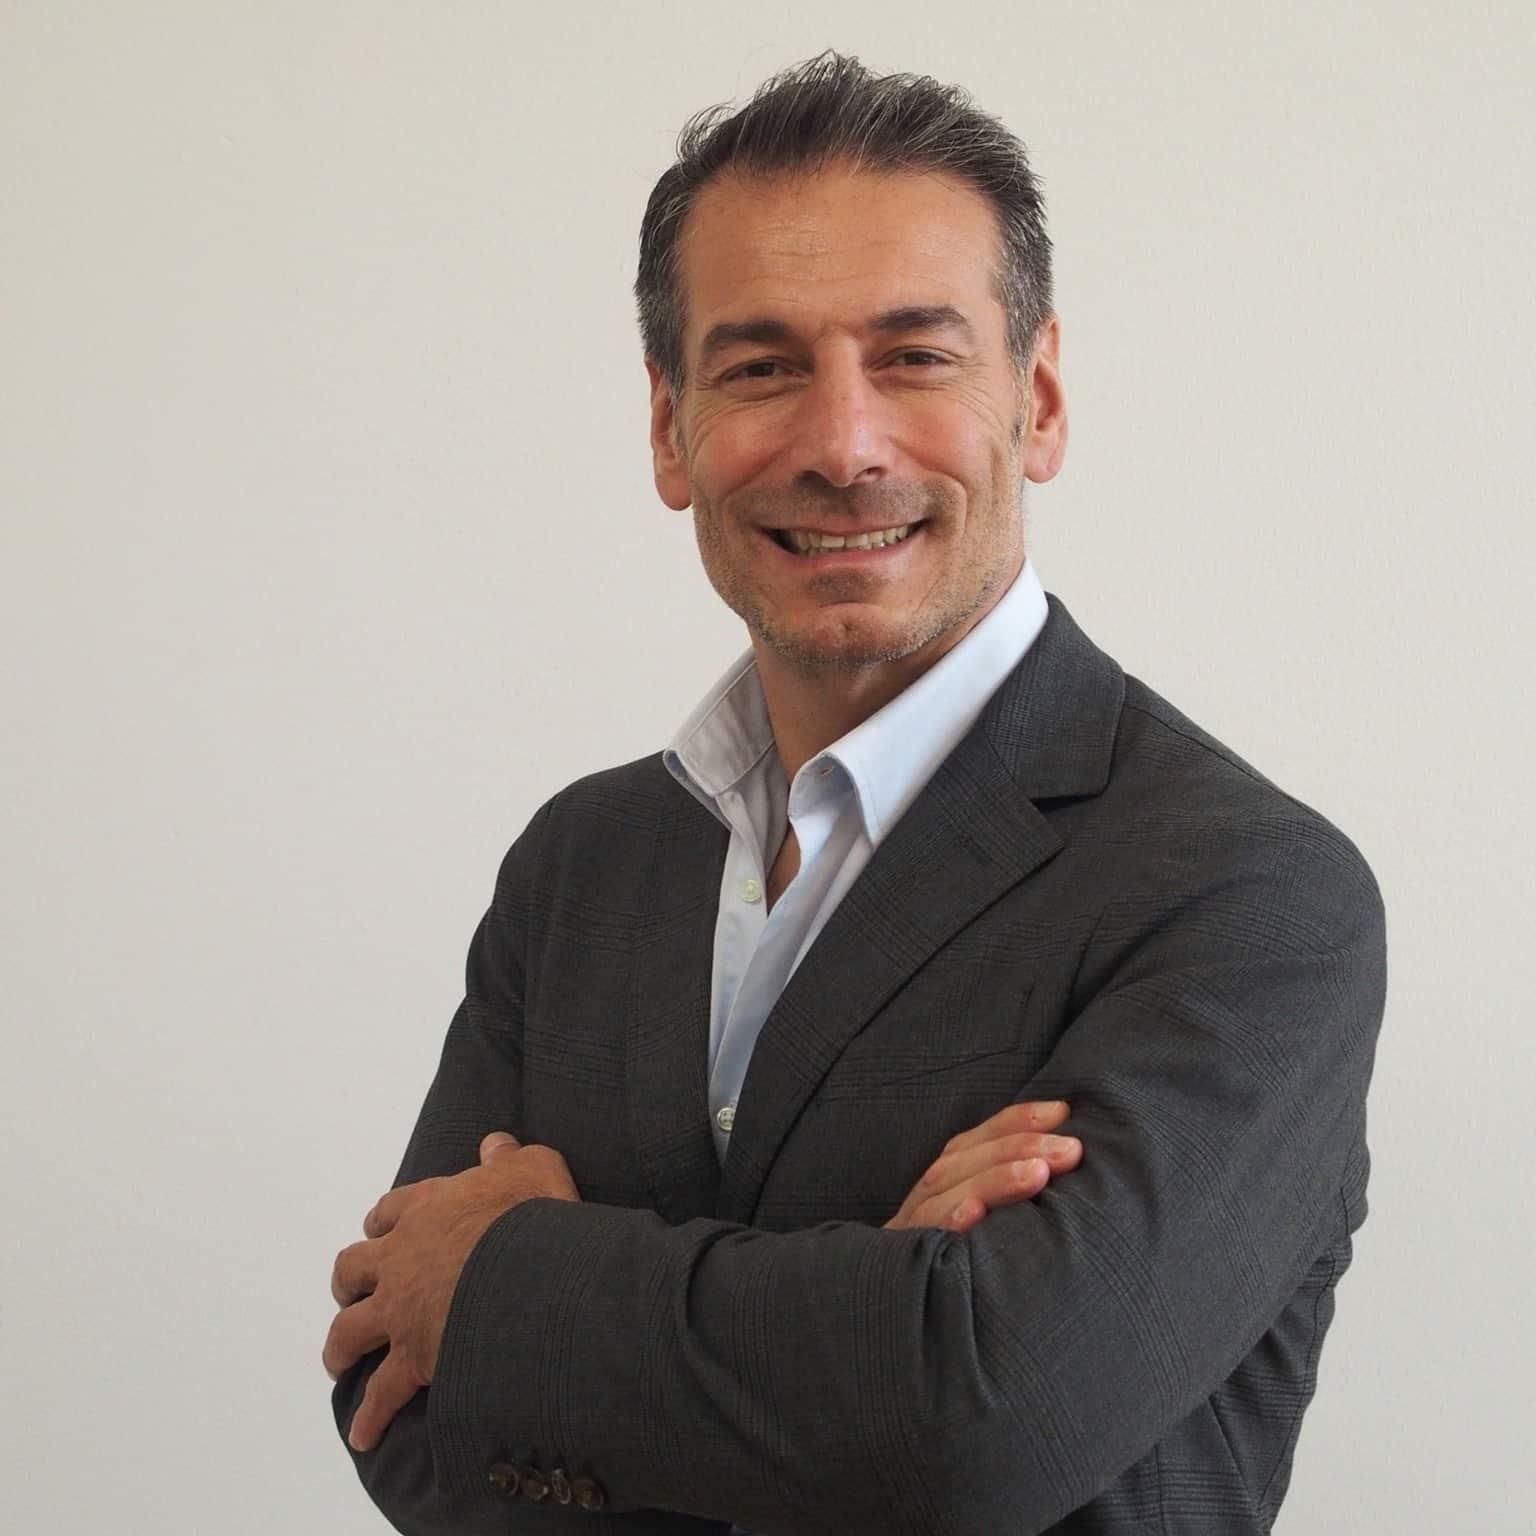 Guido Listello